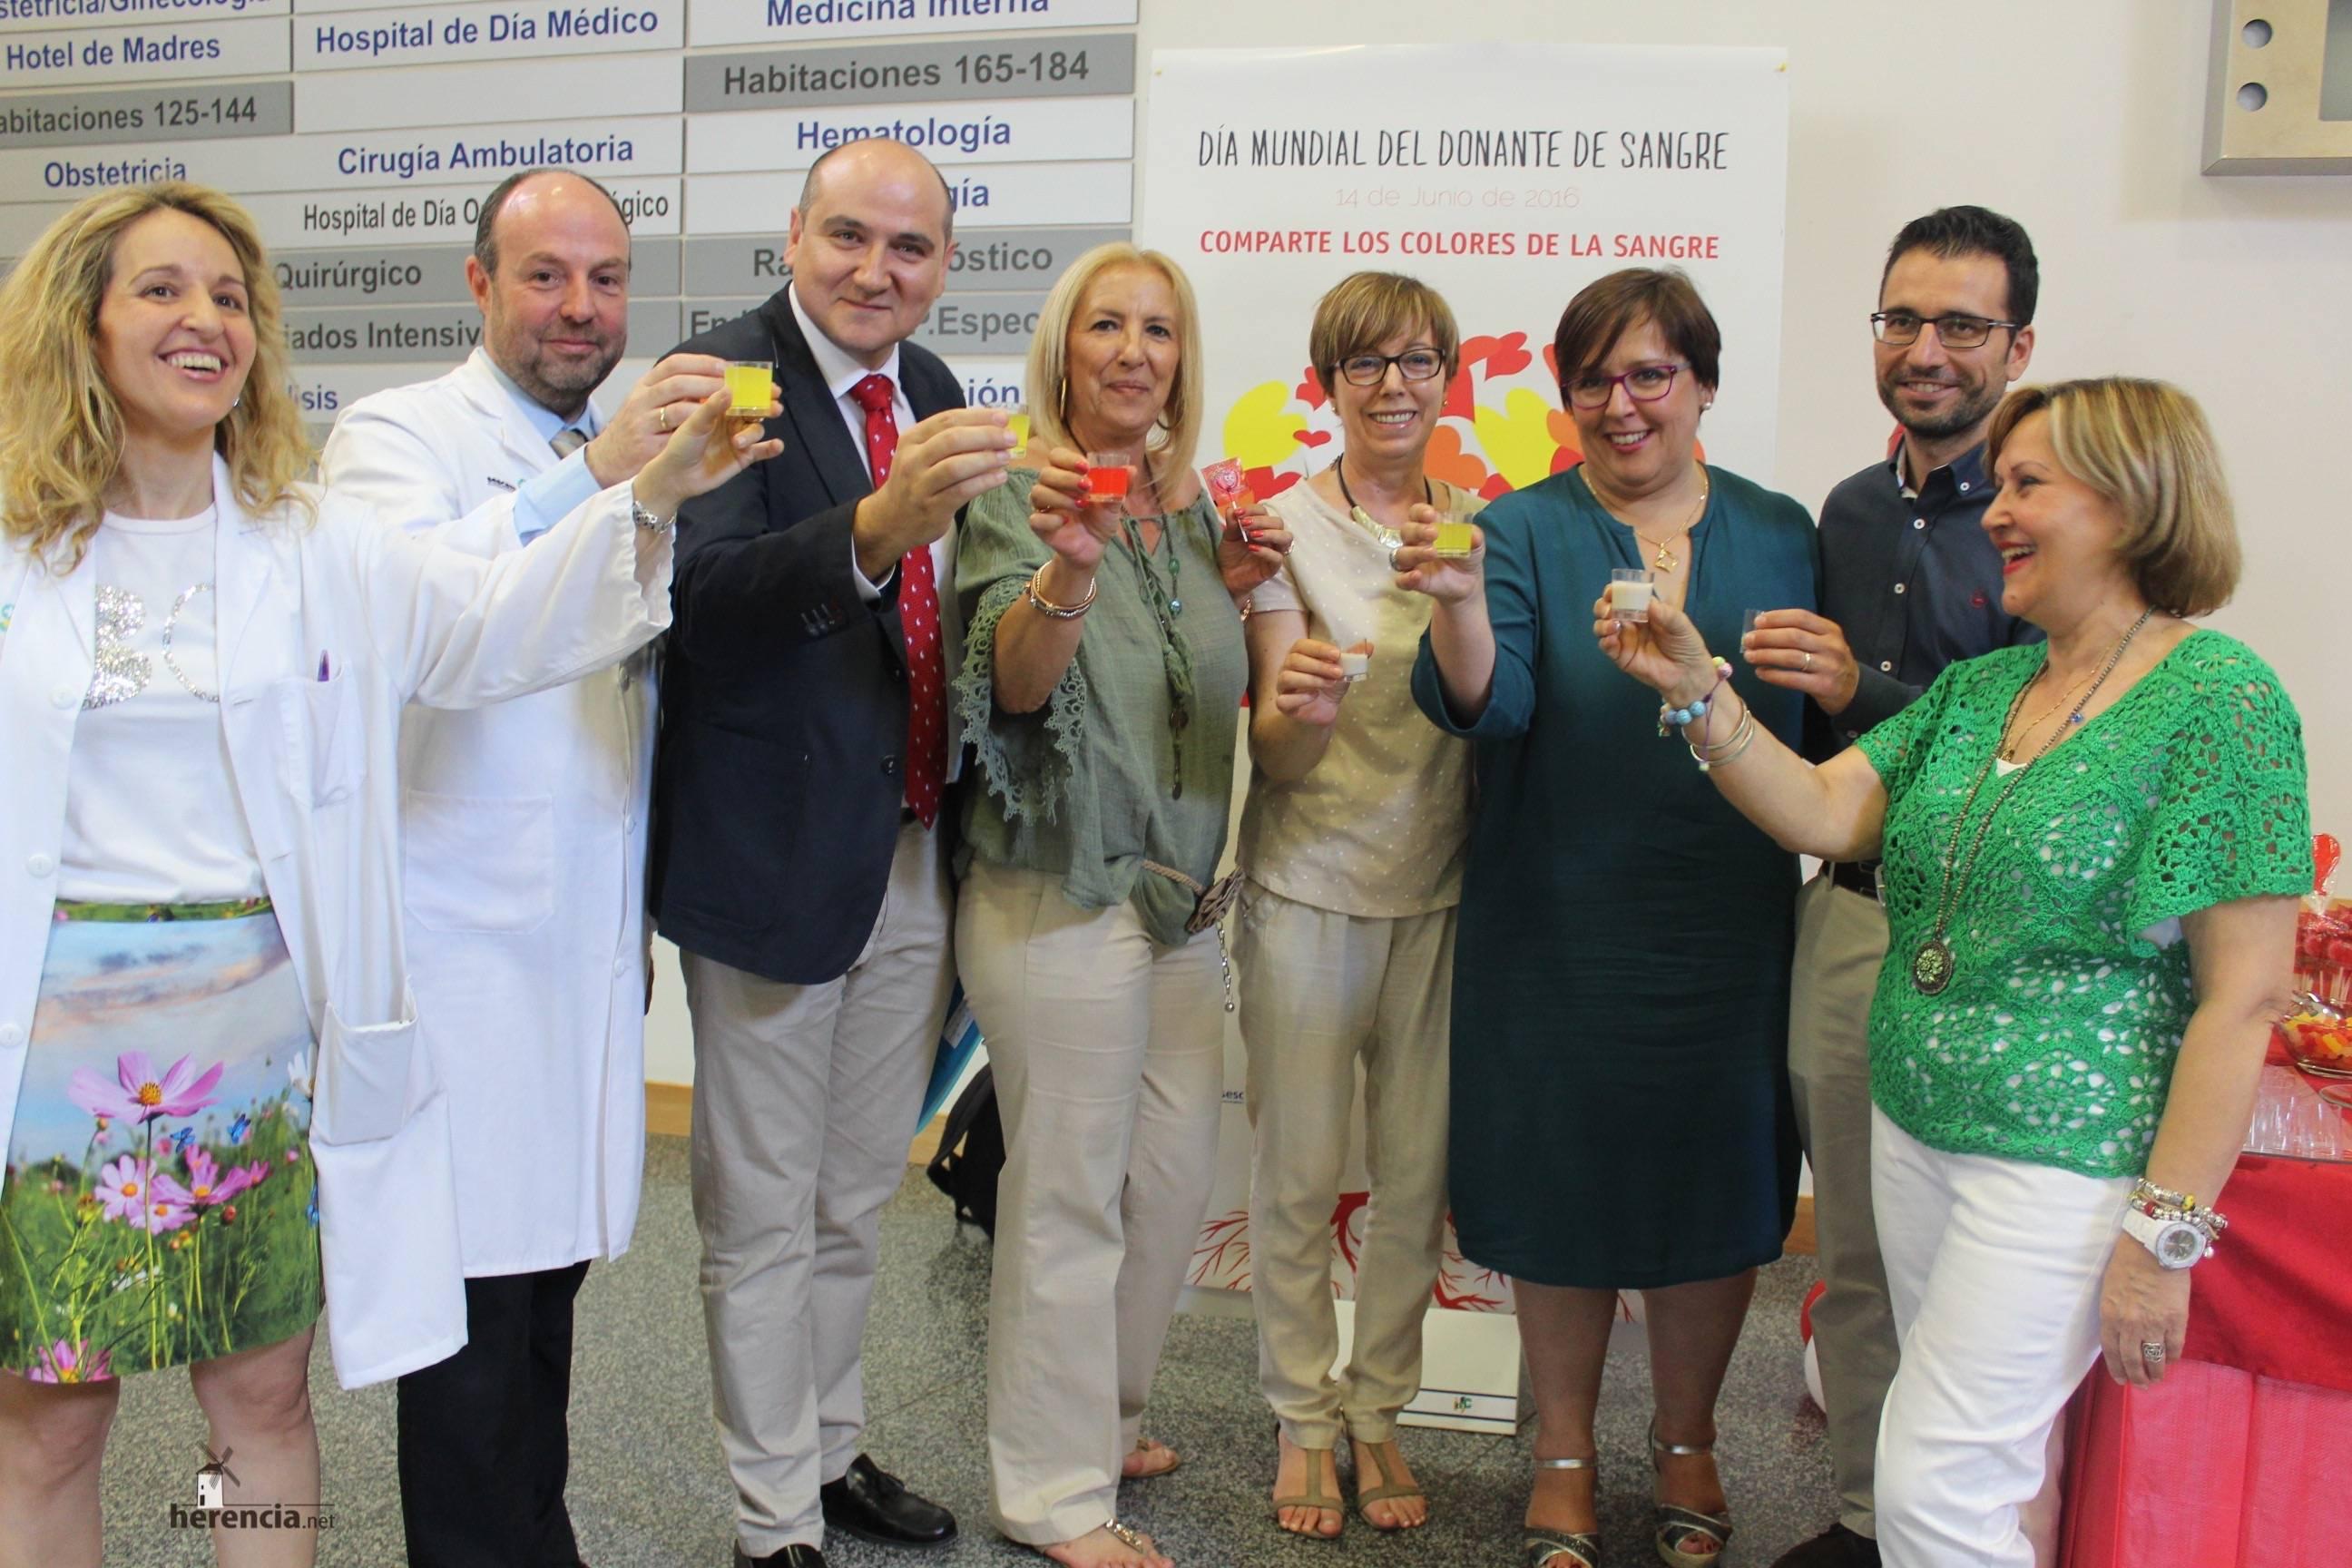 Carmen Olmedo Dia Mundial Donante Sangre 2 - Día Mundial de los Donantes de Sangre en Ciudad Real